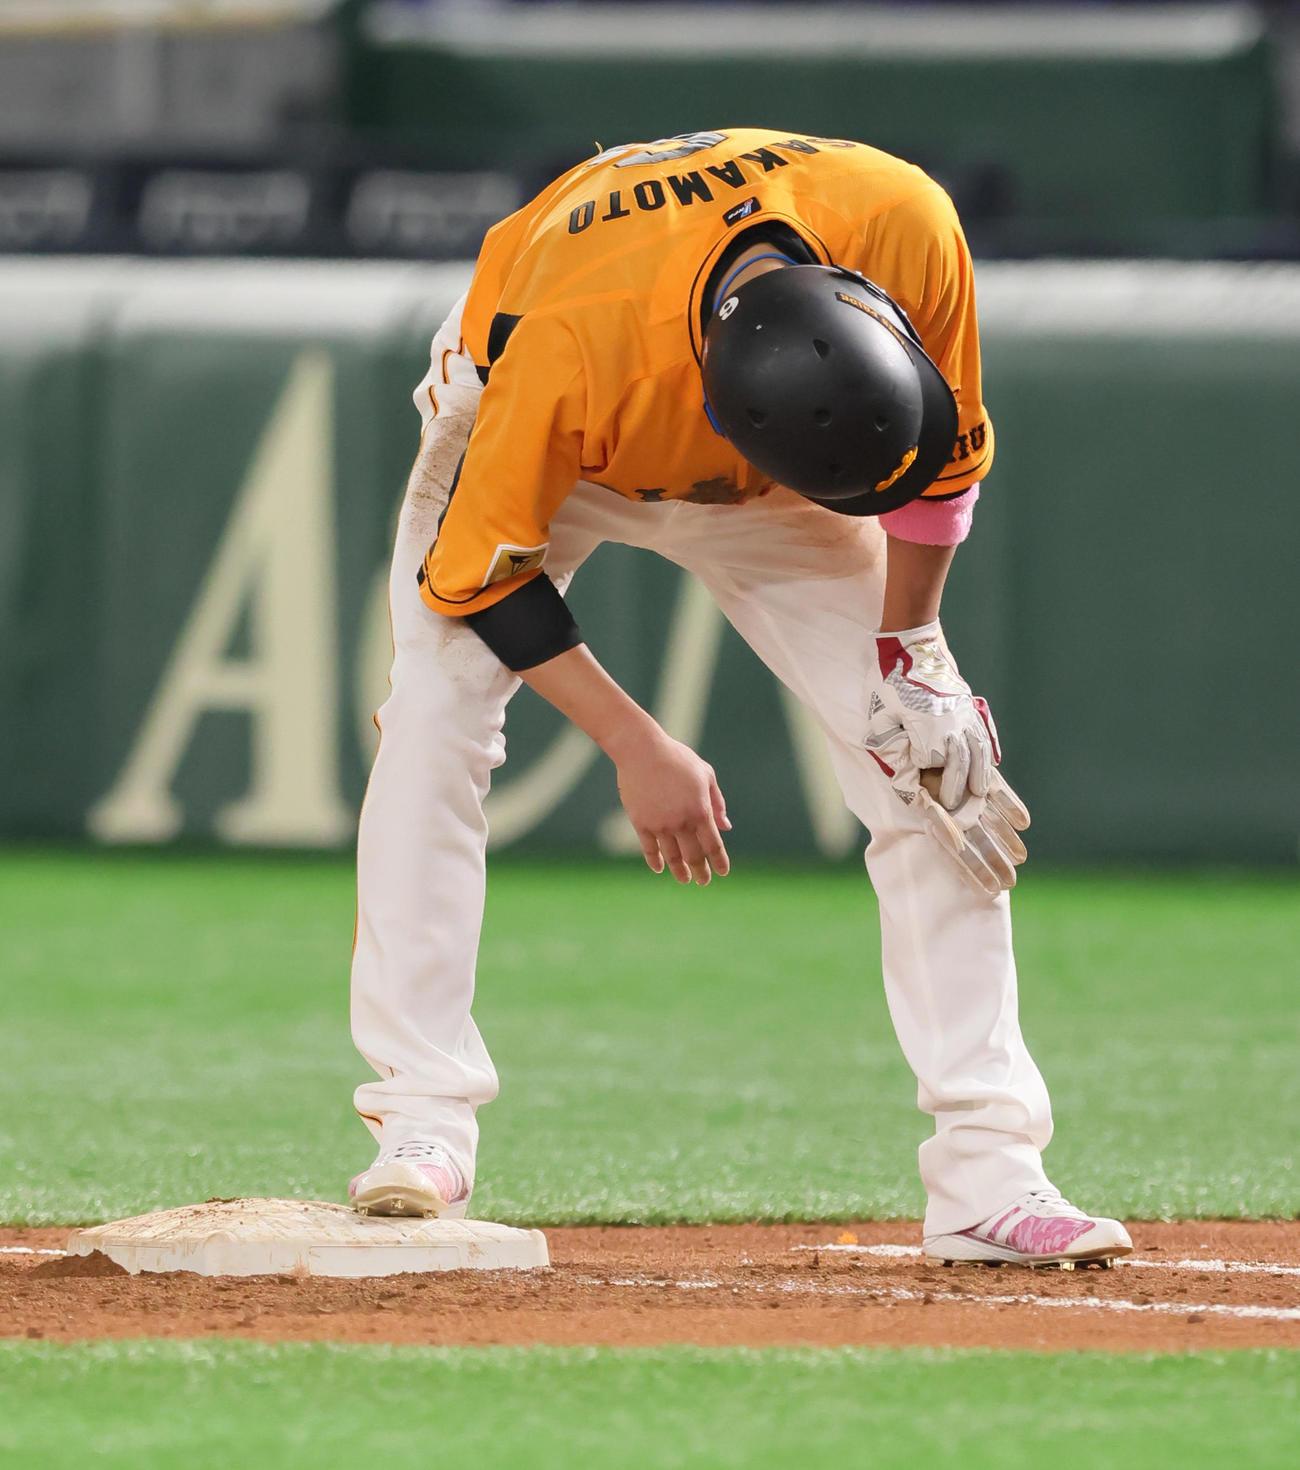 巨人対ヤクルト 5回裏巨人無死一、二塁、けん制で一塁に帰塁した際、右手を痛める一塁走者坂本(撮影・足立雅史)